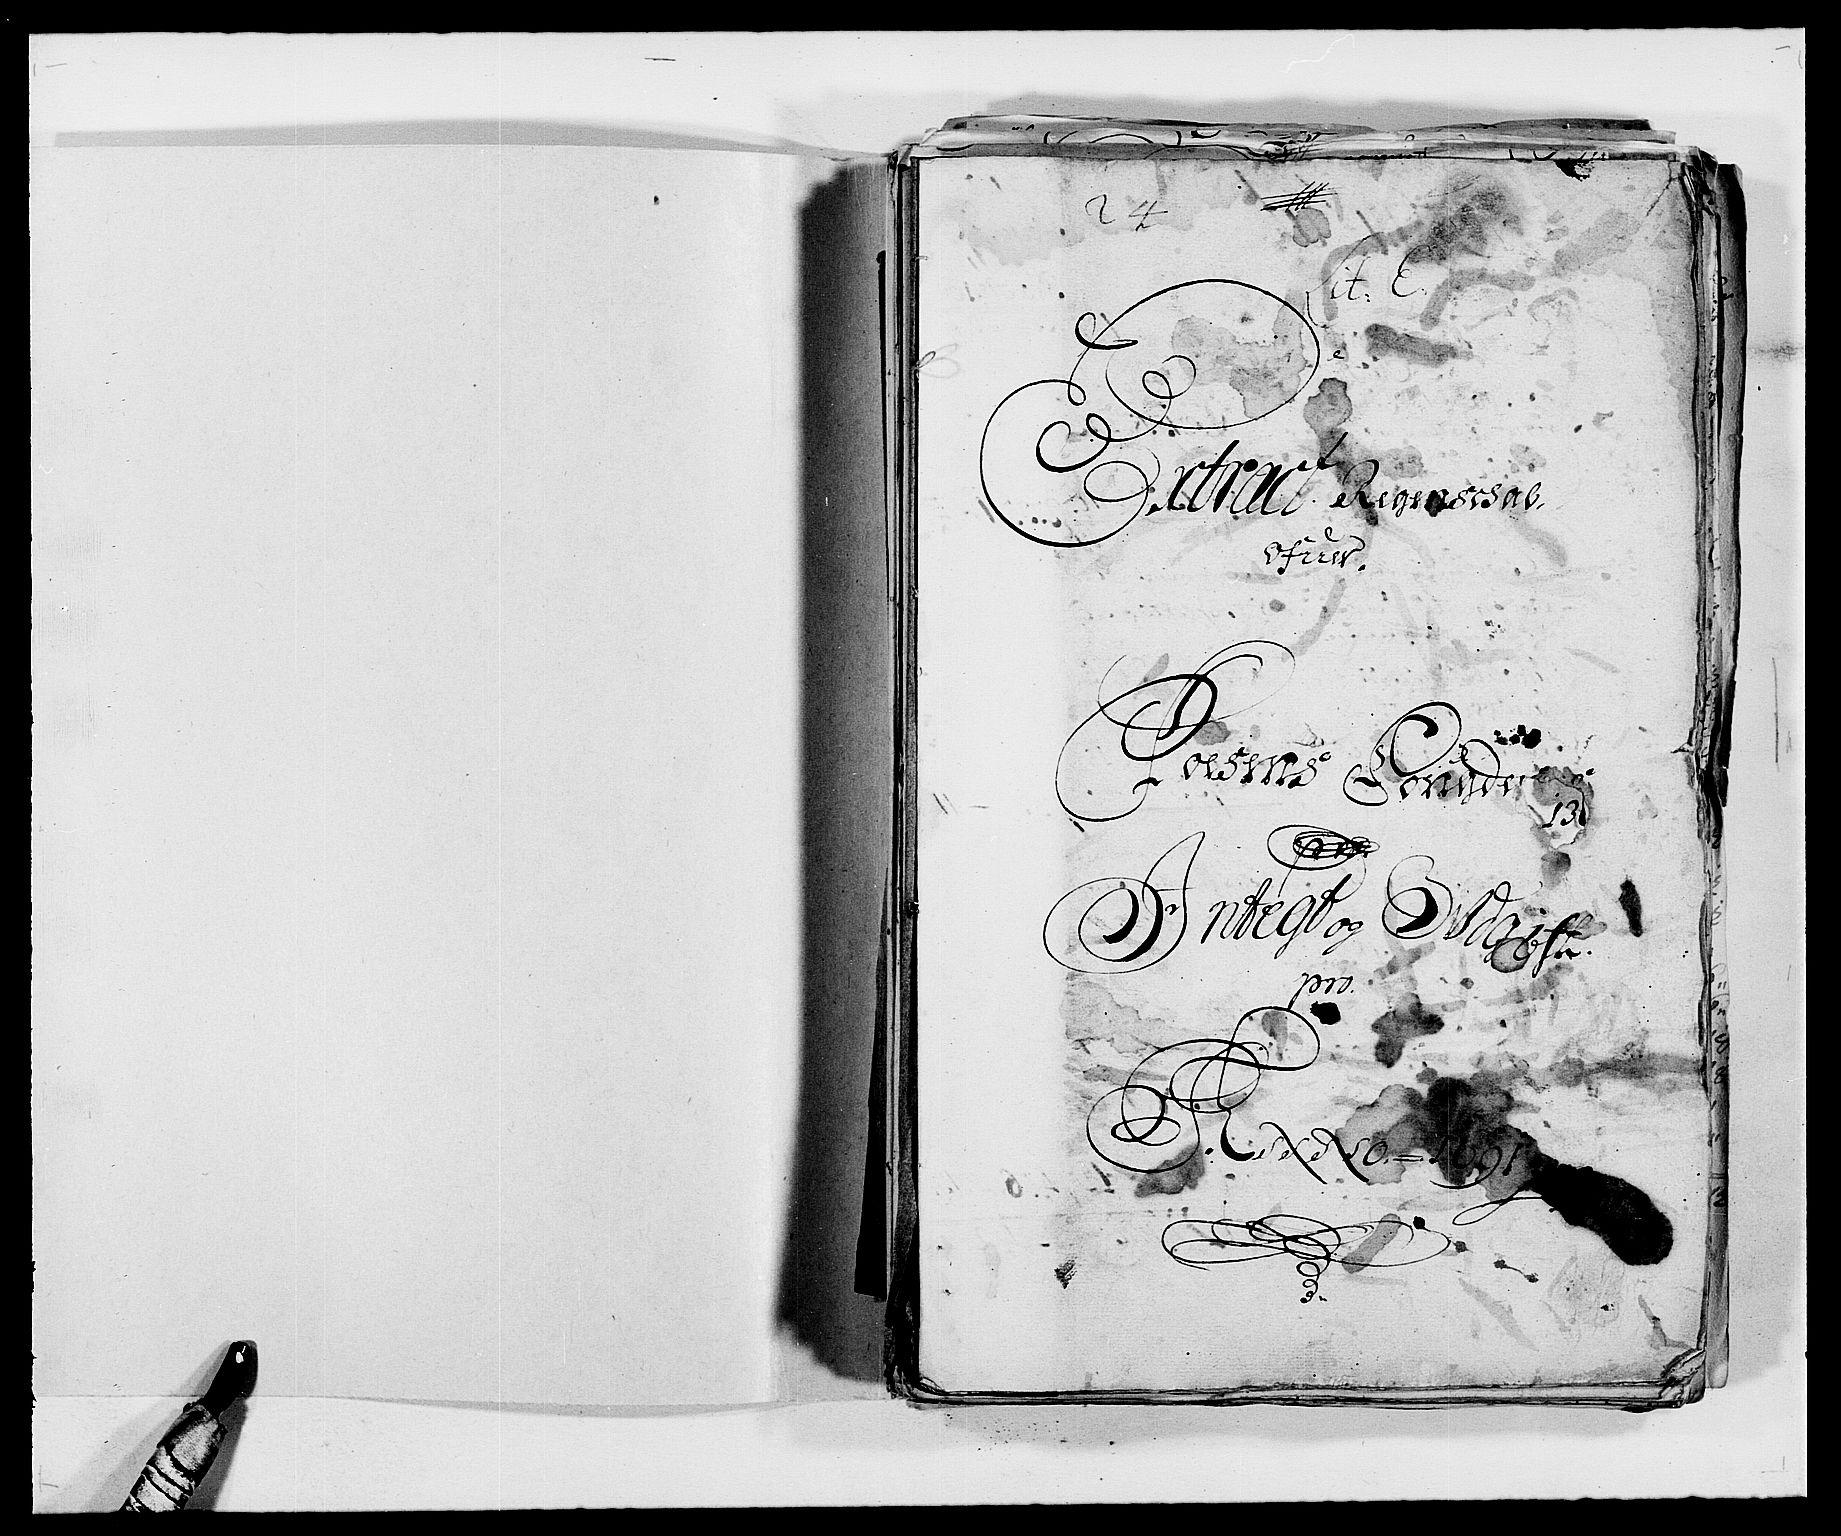 RA, Rentekammeret inntil 1814, Reviderte regnskaper, Fogderegnskap, R57/L3848: Fogderegnskap Fosen, 1690-1691, s. 202